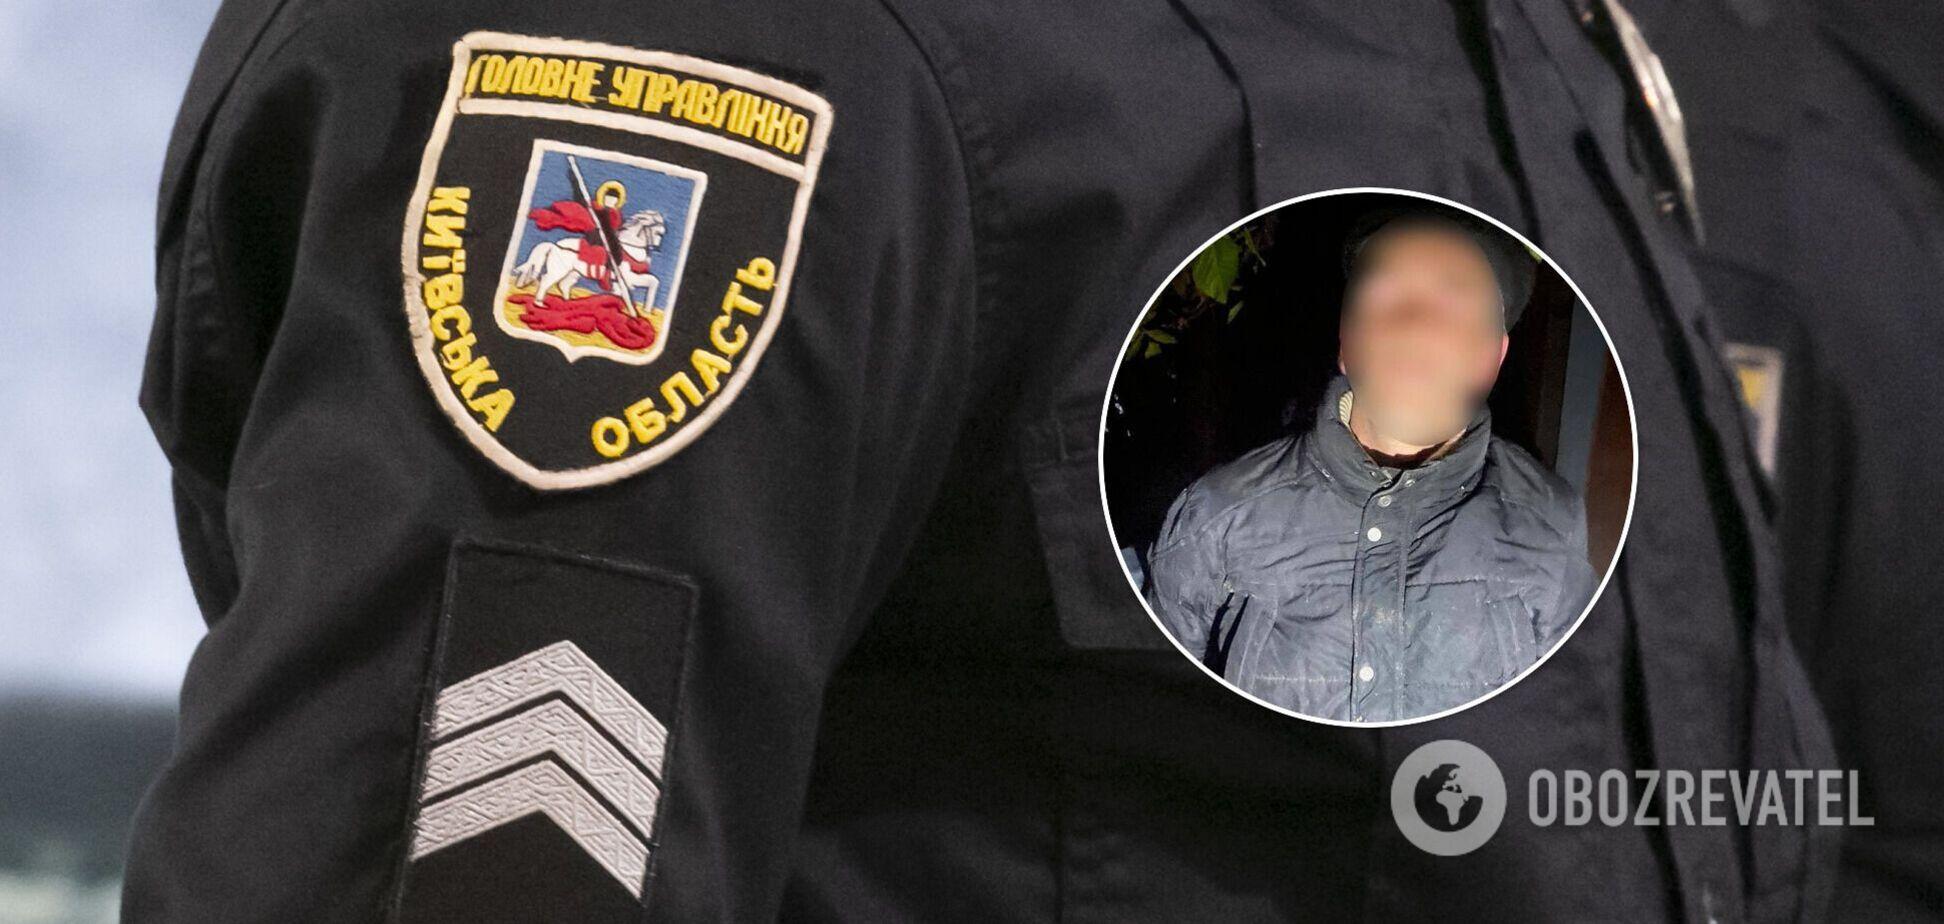 Зловмисника затримали правоохоронці